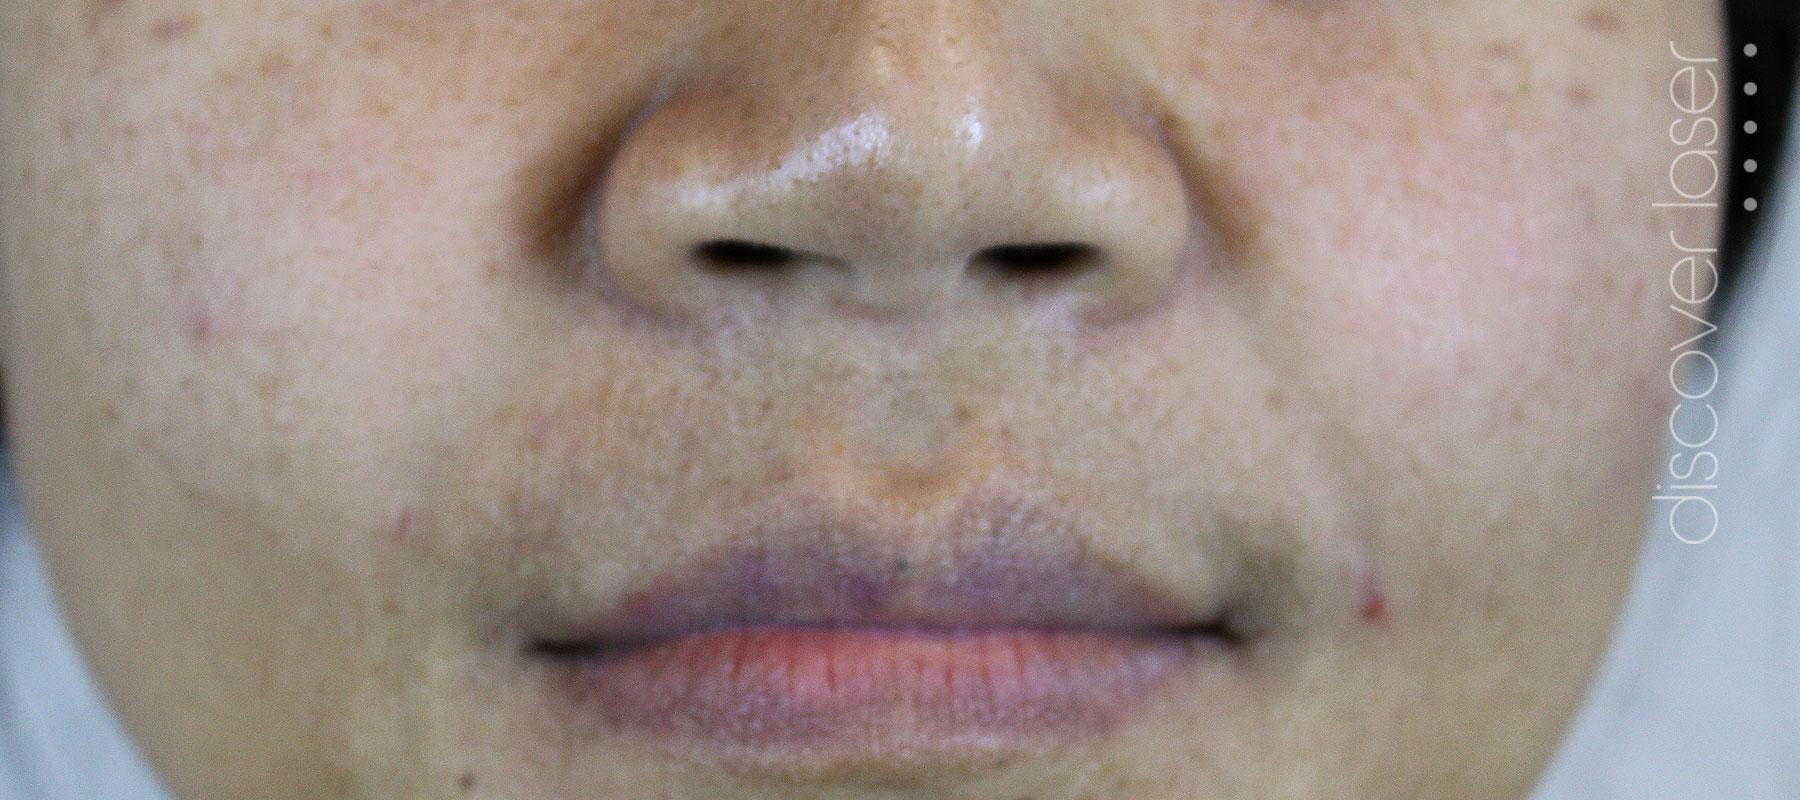 Dermal fillers nasal labial folds after